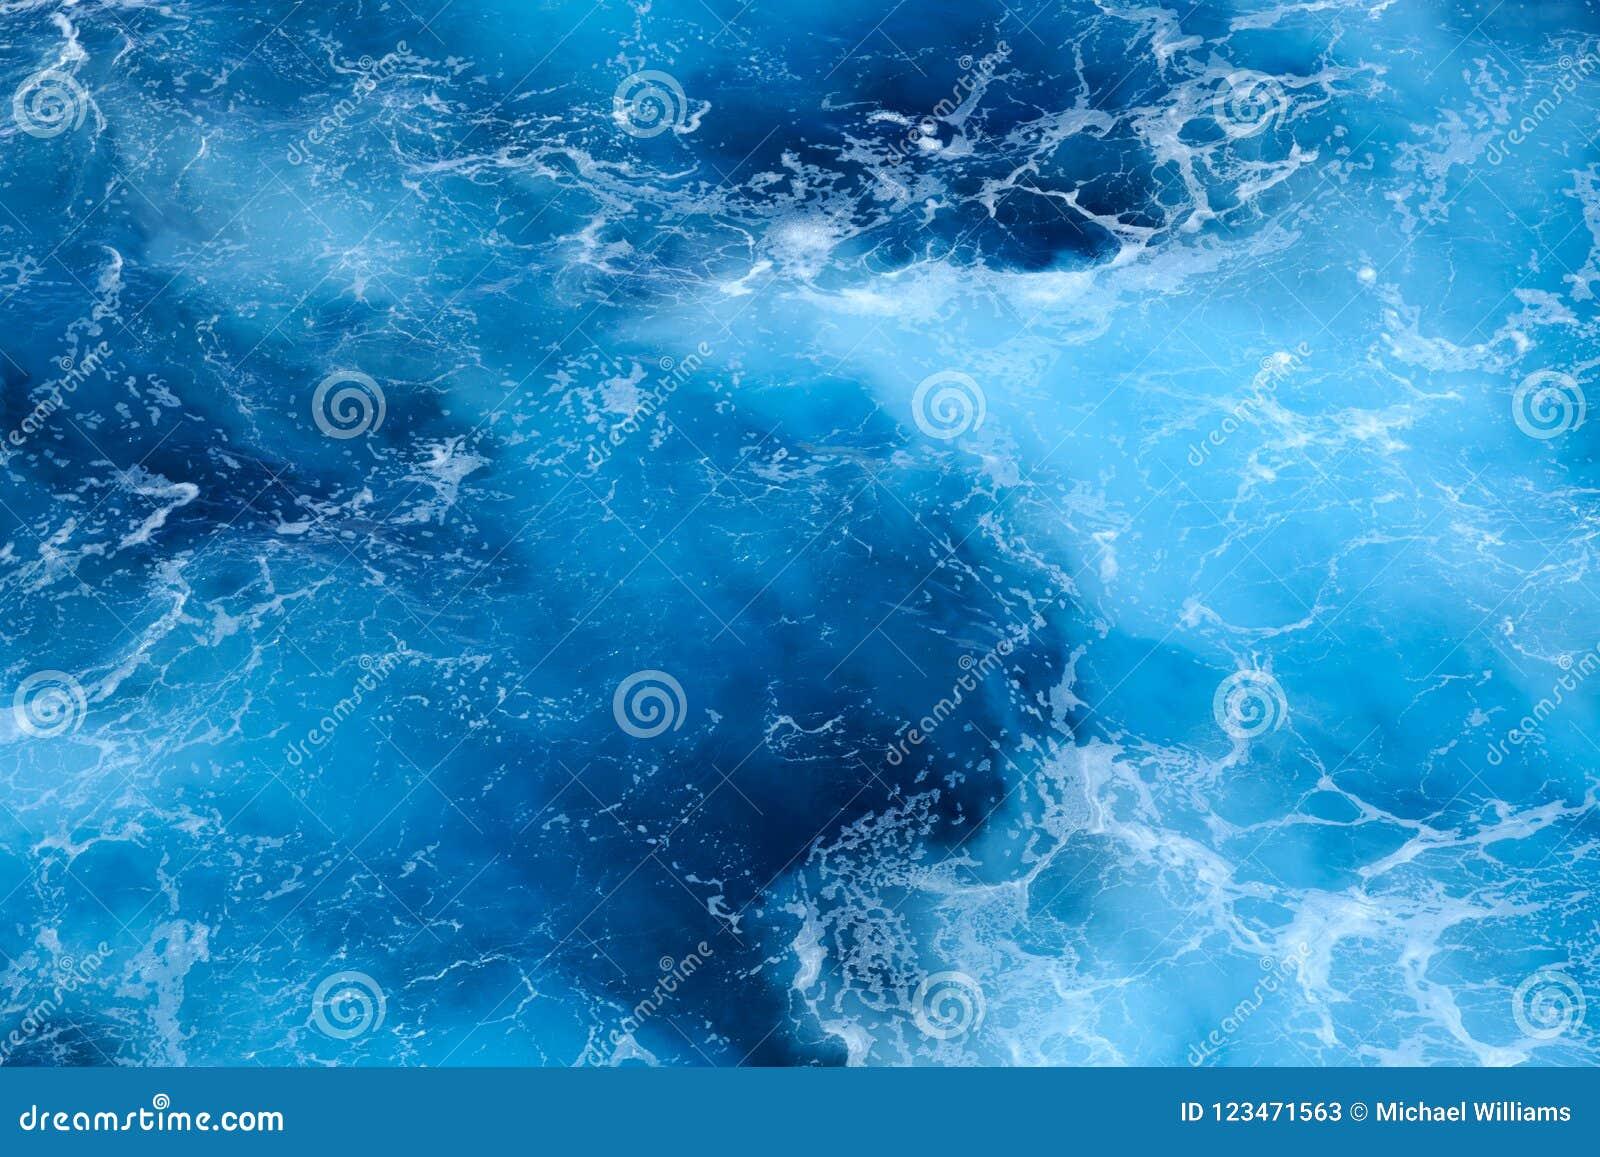 Abstracte wervelende patronen op het diepe blauwe overzees